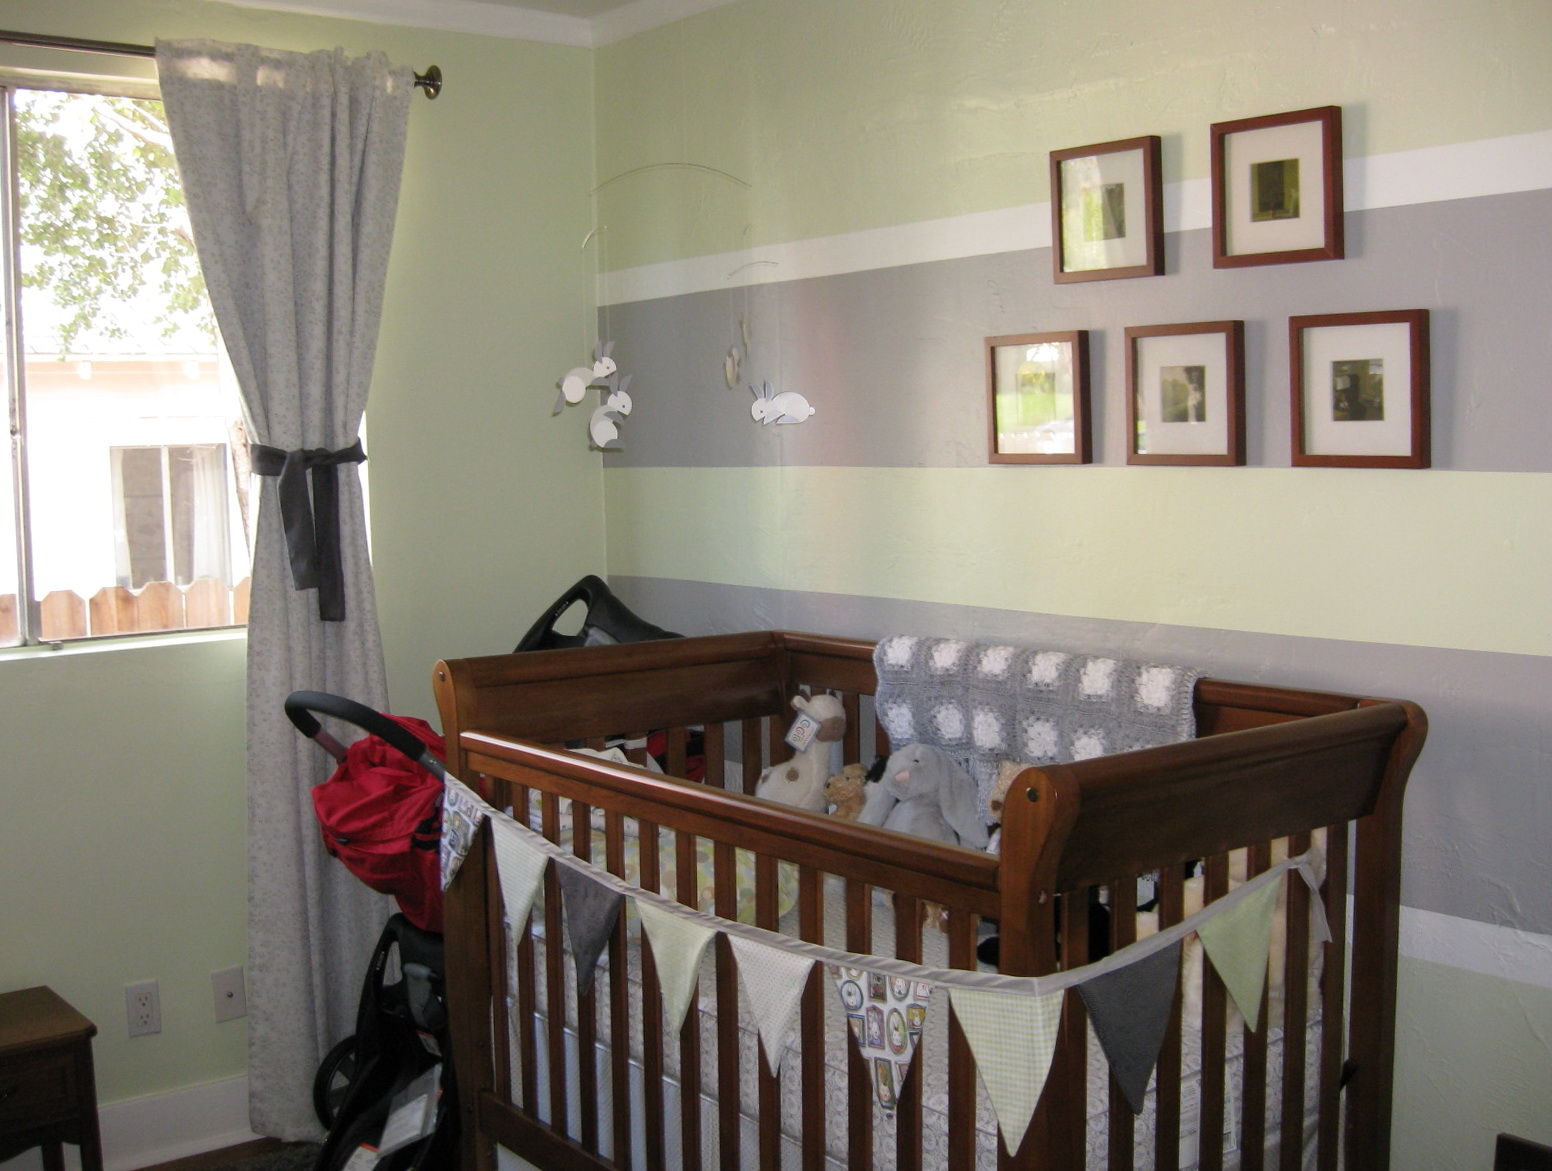 Nursery Blackout Curtains Baby Home Design Ideas